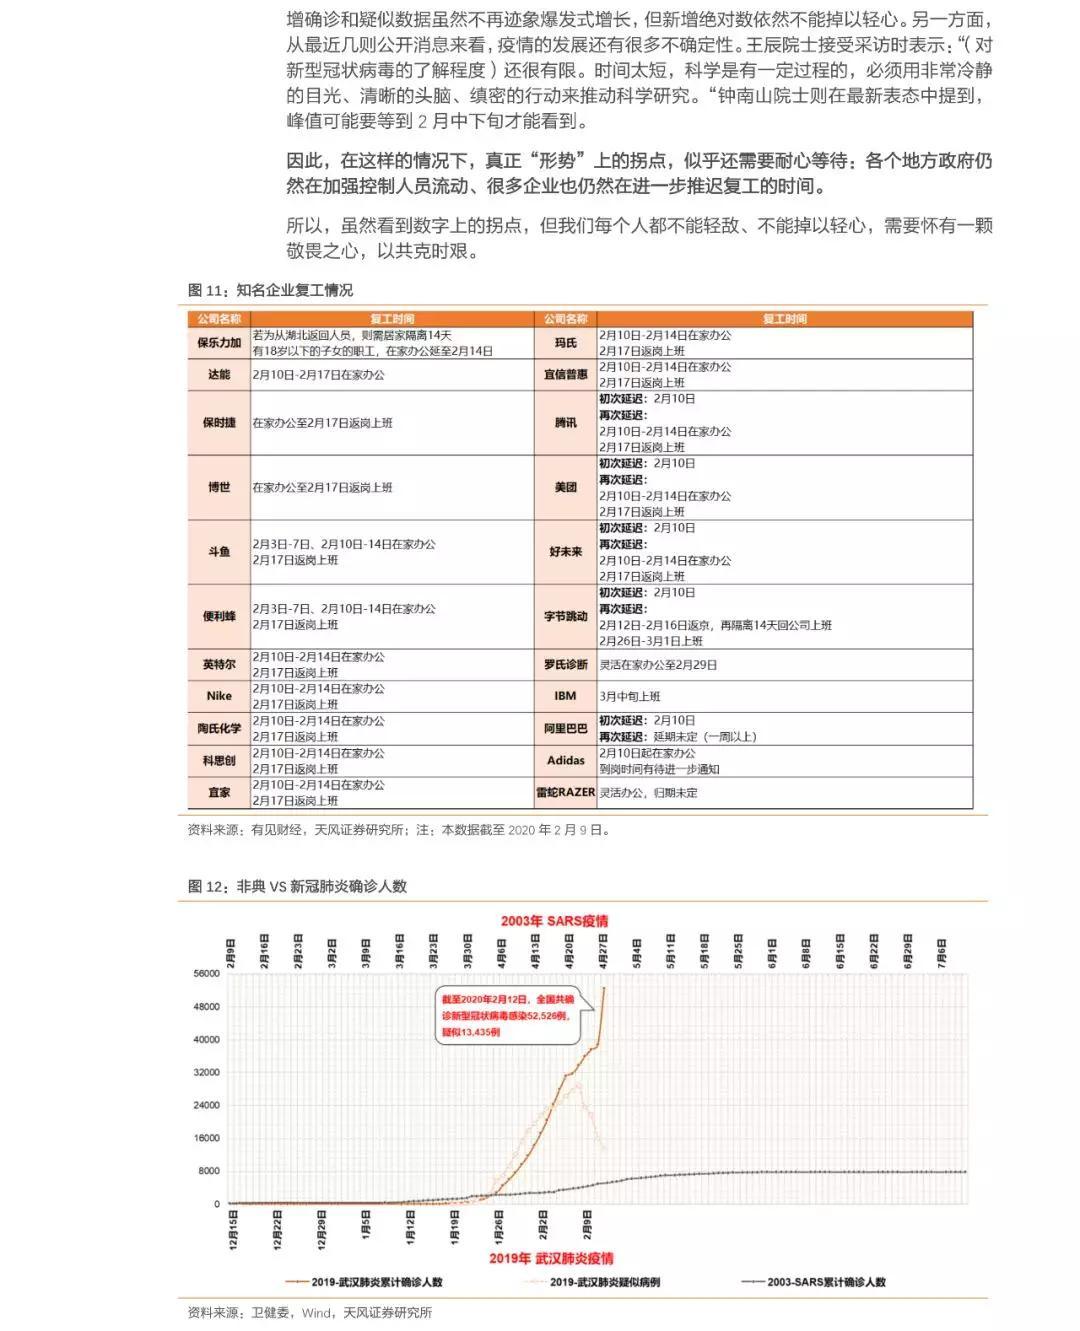 李小减:第两上市公司归入港股通只是工夫成绩